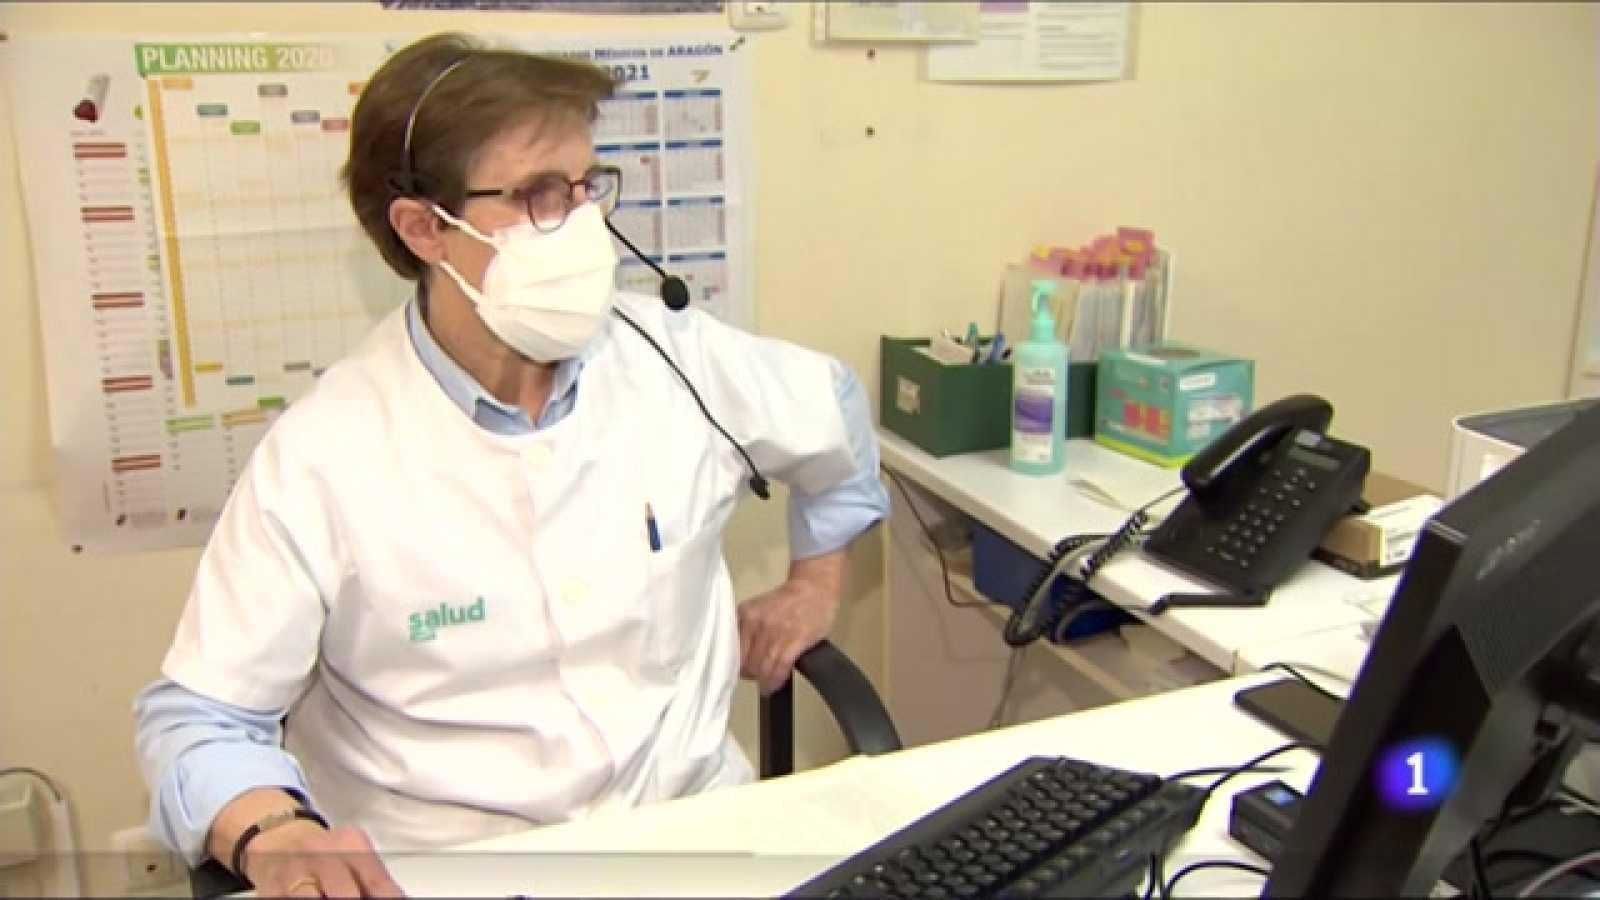 Los centros de salud mantendrán circuitos separados para evitar aglomeraciones